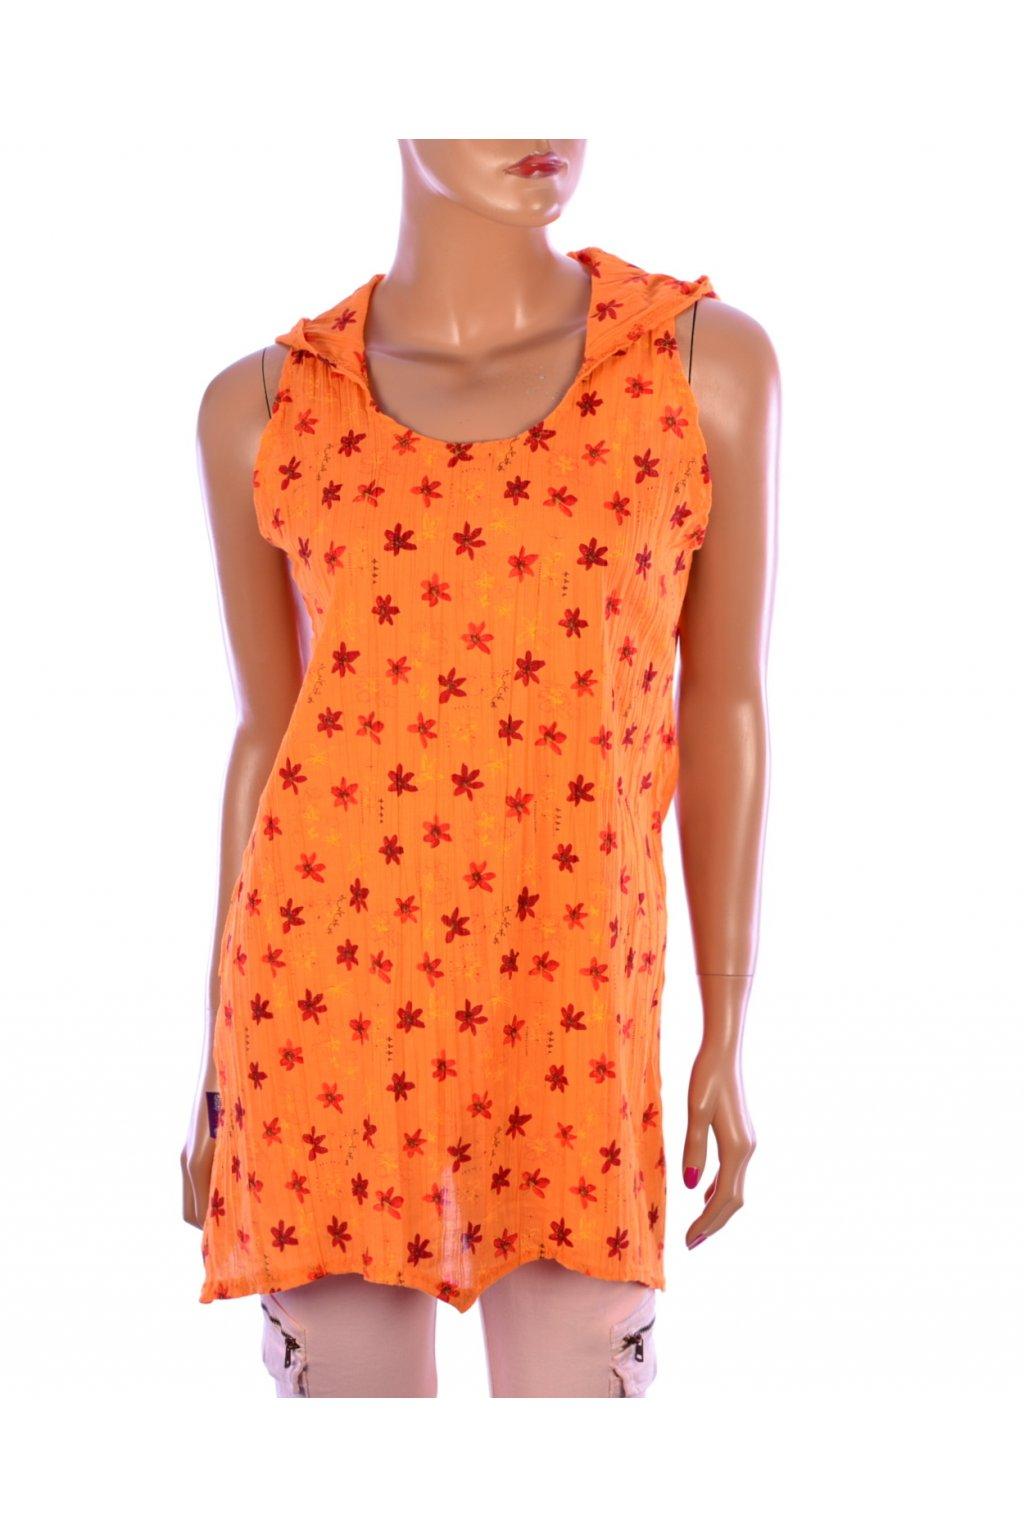 Halenka Koni design oranžová s kapucí vel. S - M